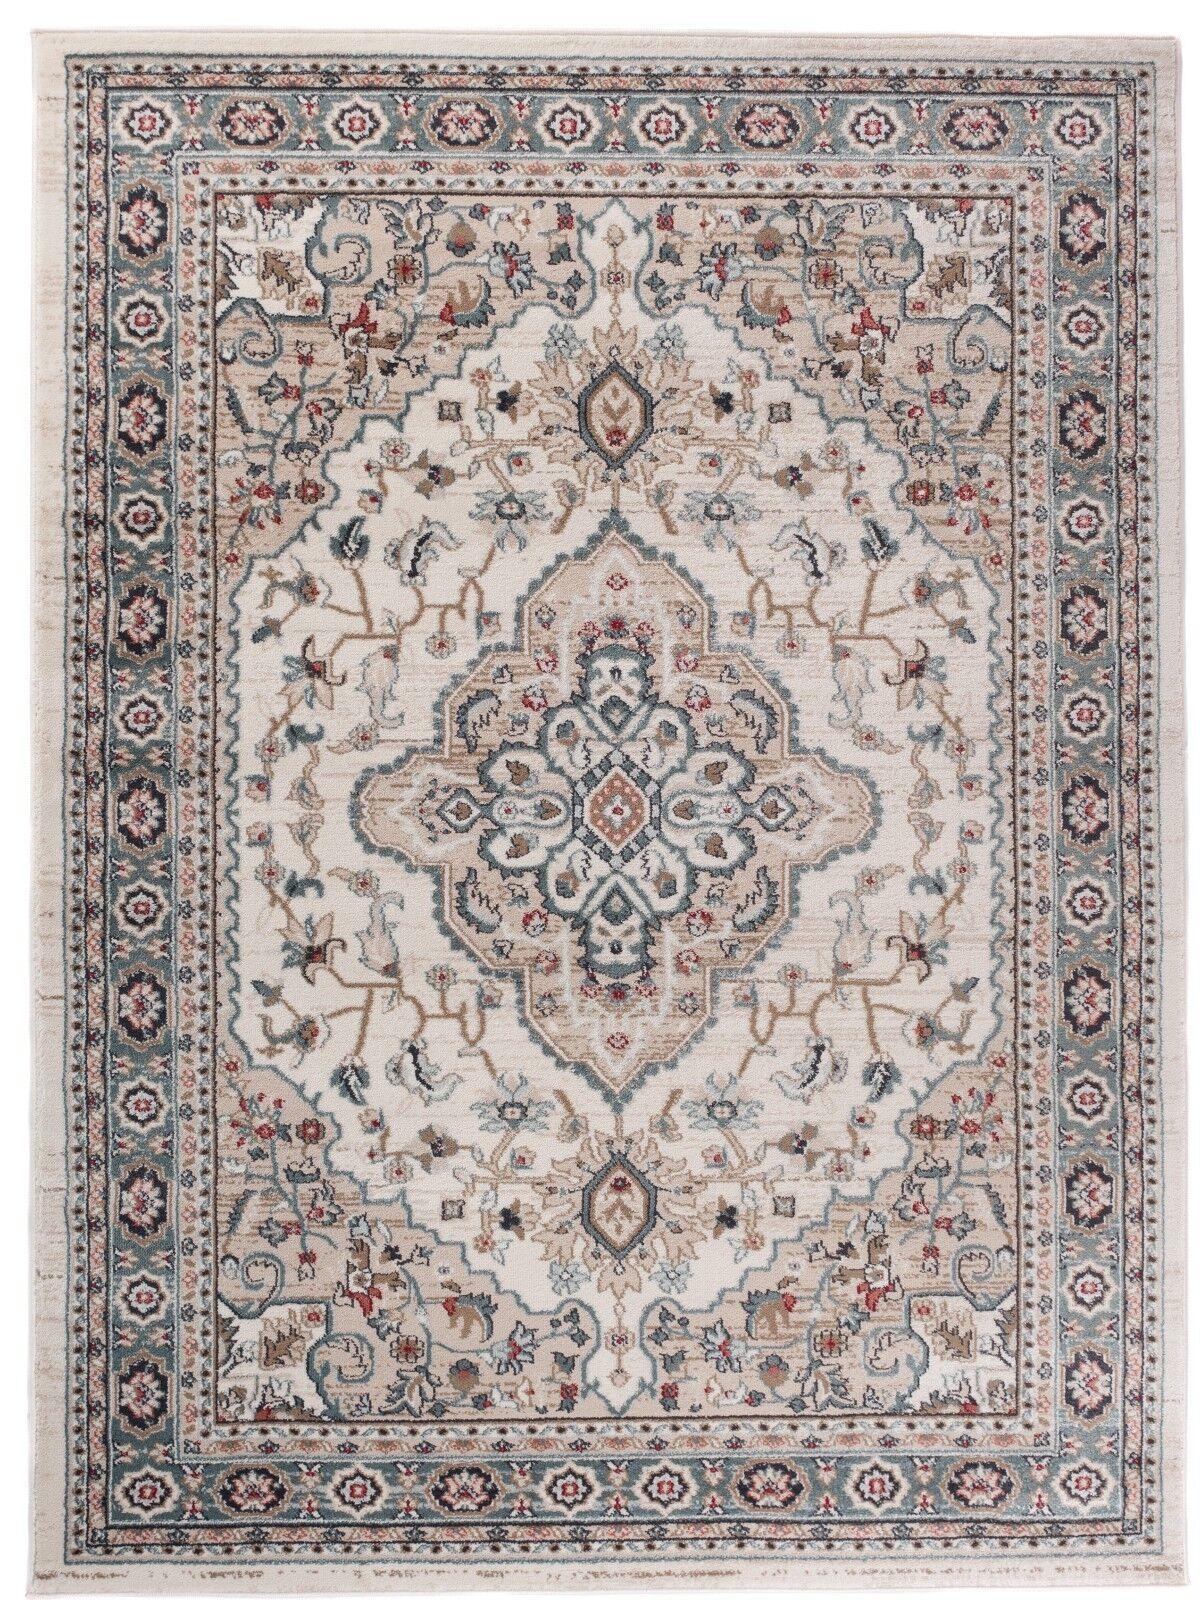 Teppich Osten Orientteppich Perser Vintage Teppiche Beige Creme Weiß